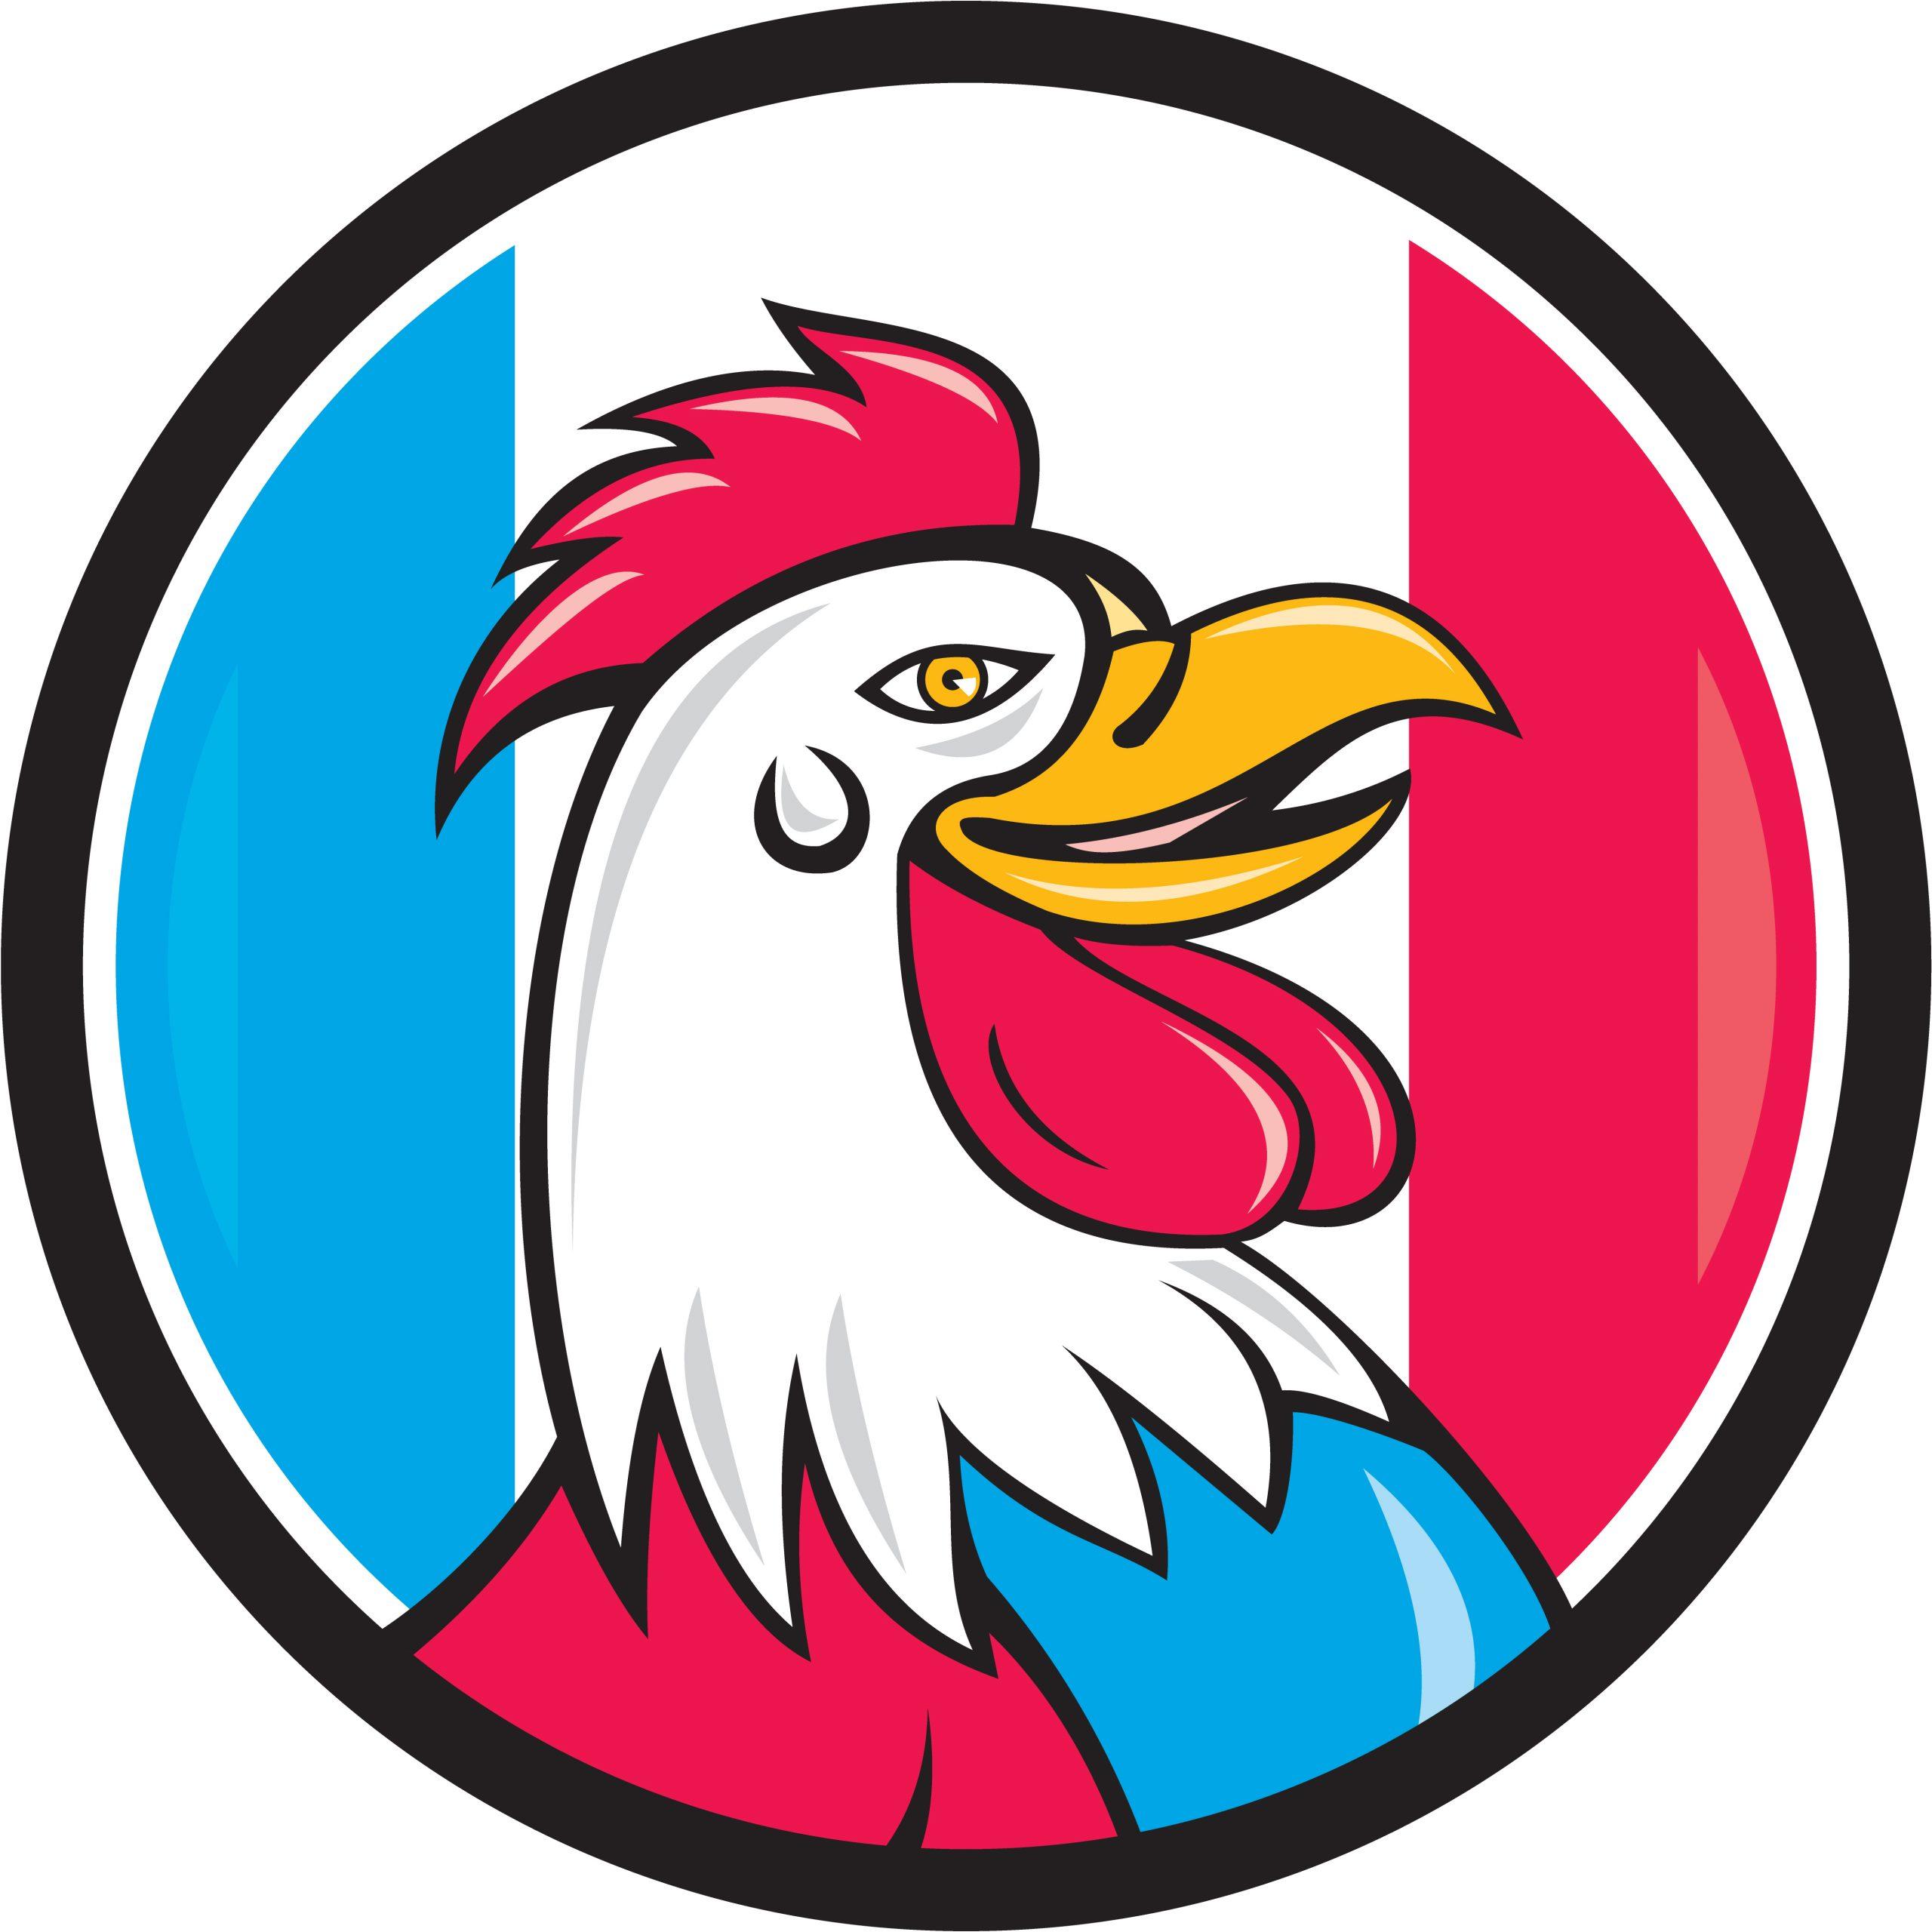 Pourquoi stigmatiser ainsi les Français de l'étranger ?